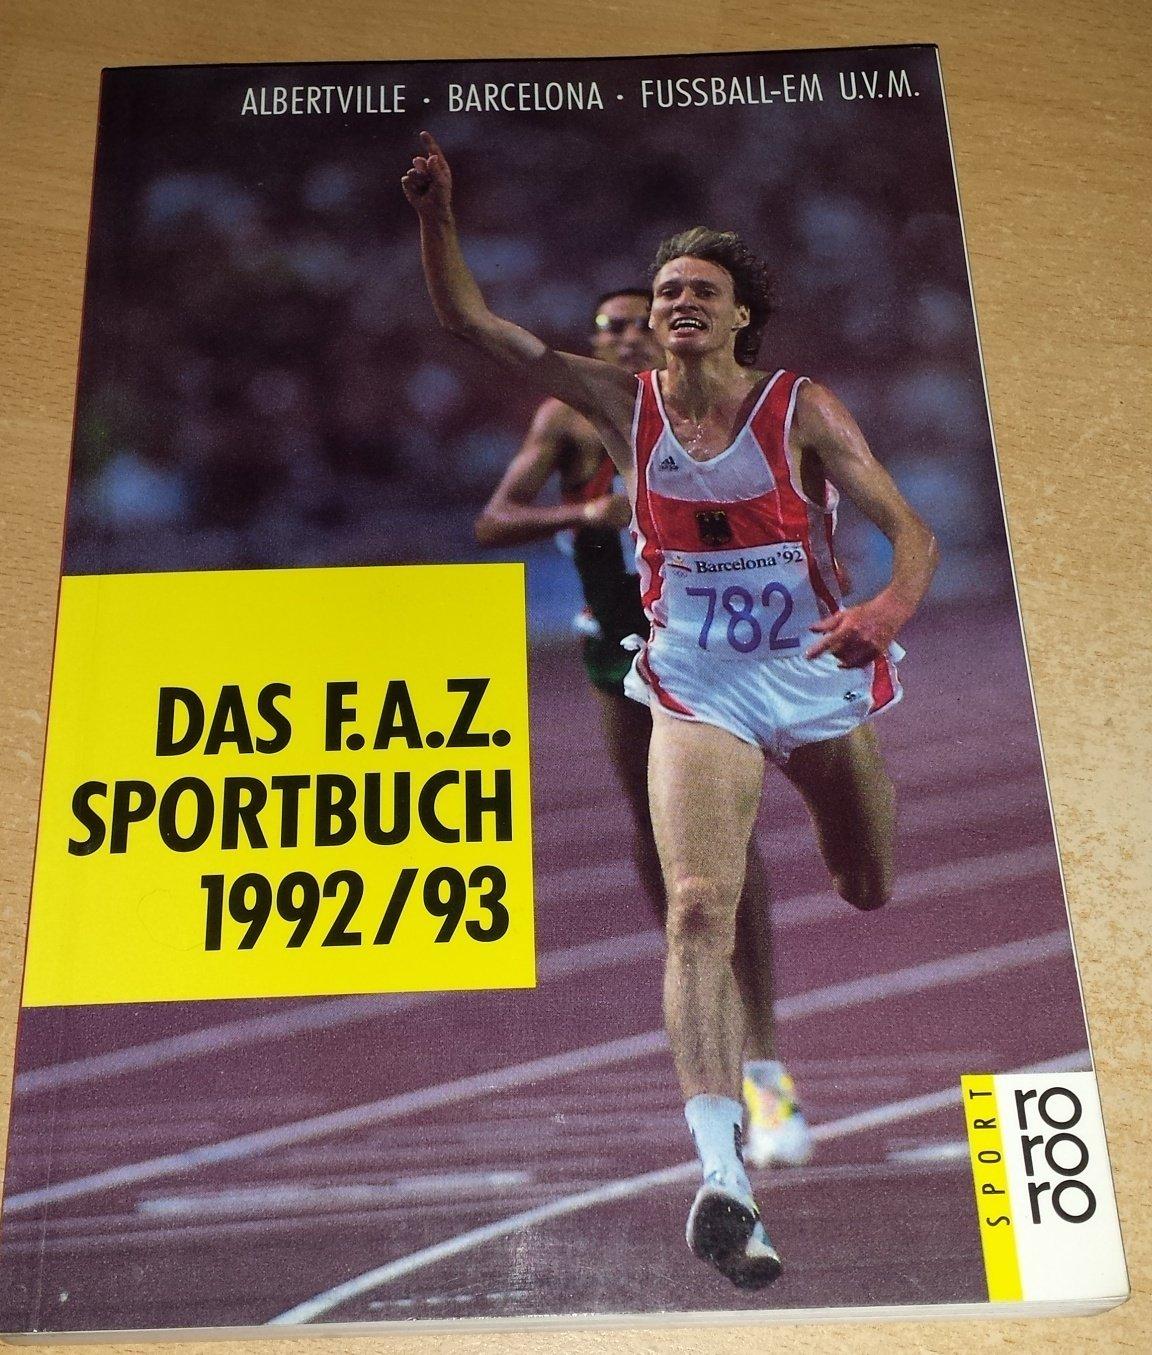 Das F.A.Z. Sportbuch 1992/93